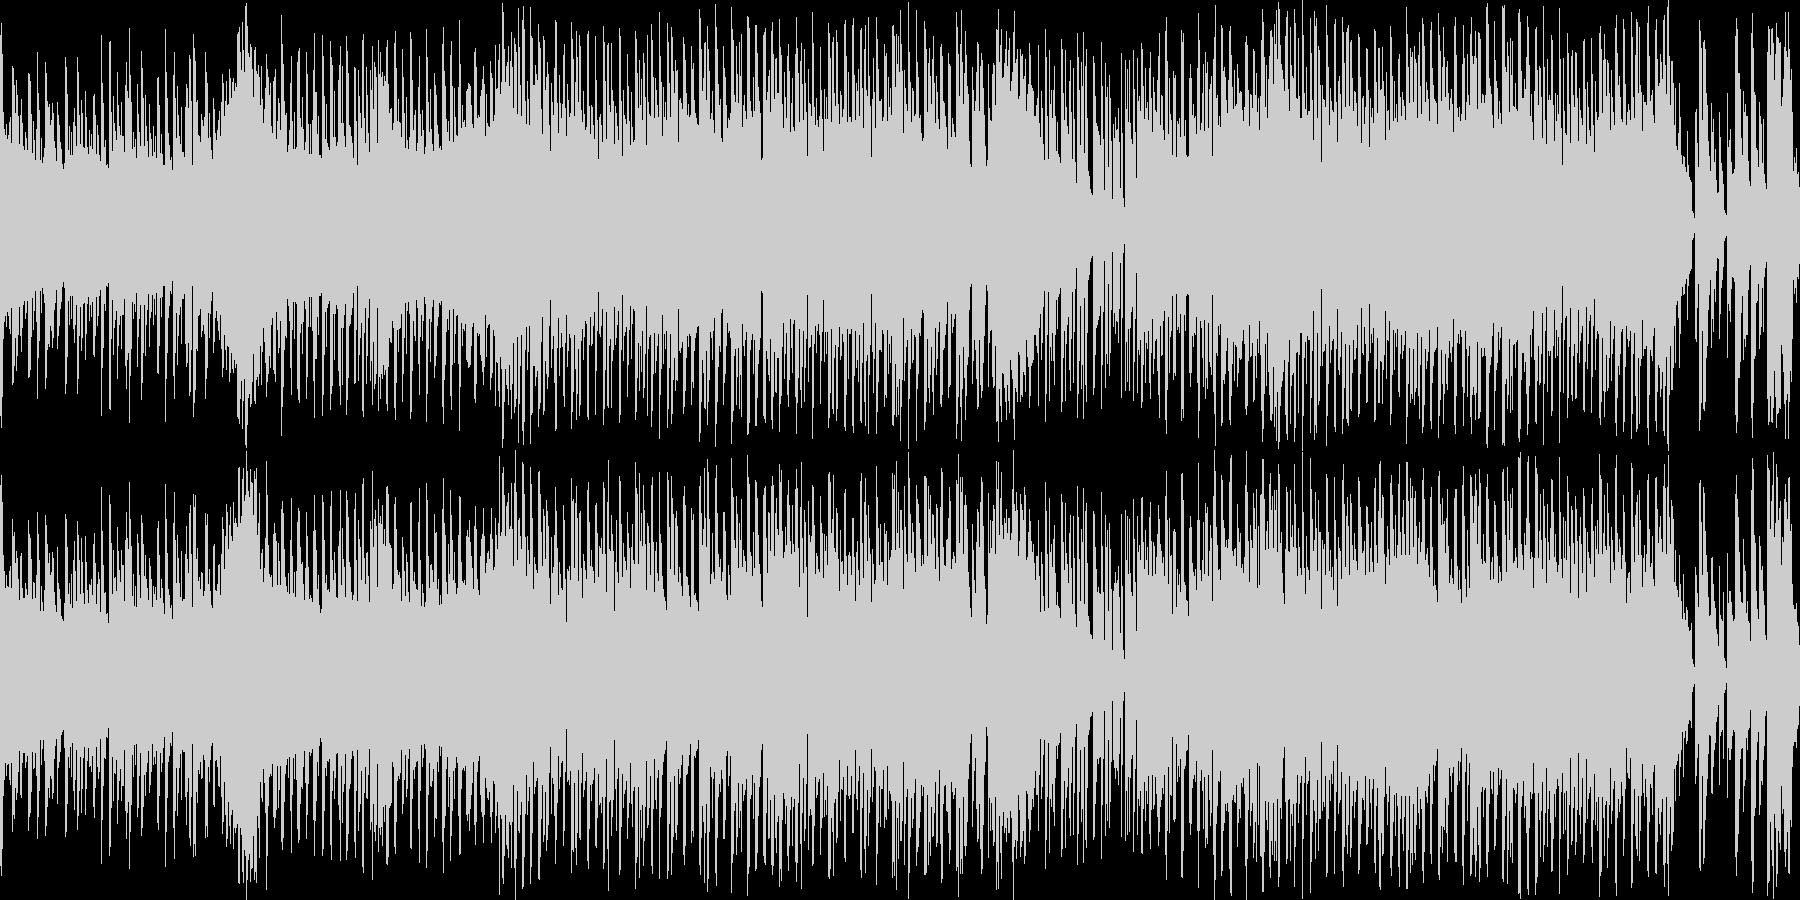 コミカルでシンプルな曲調のチップチューンの未再生の波形